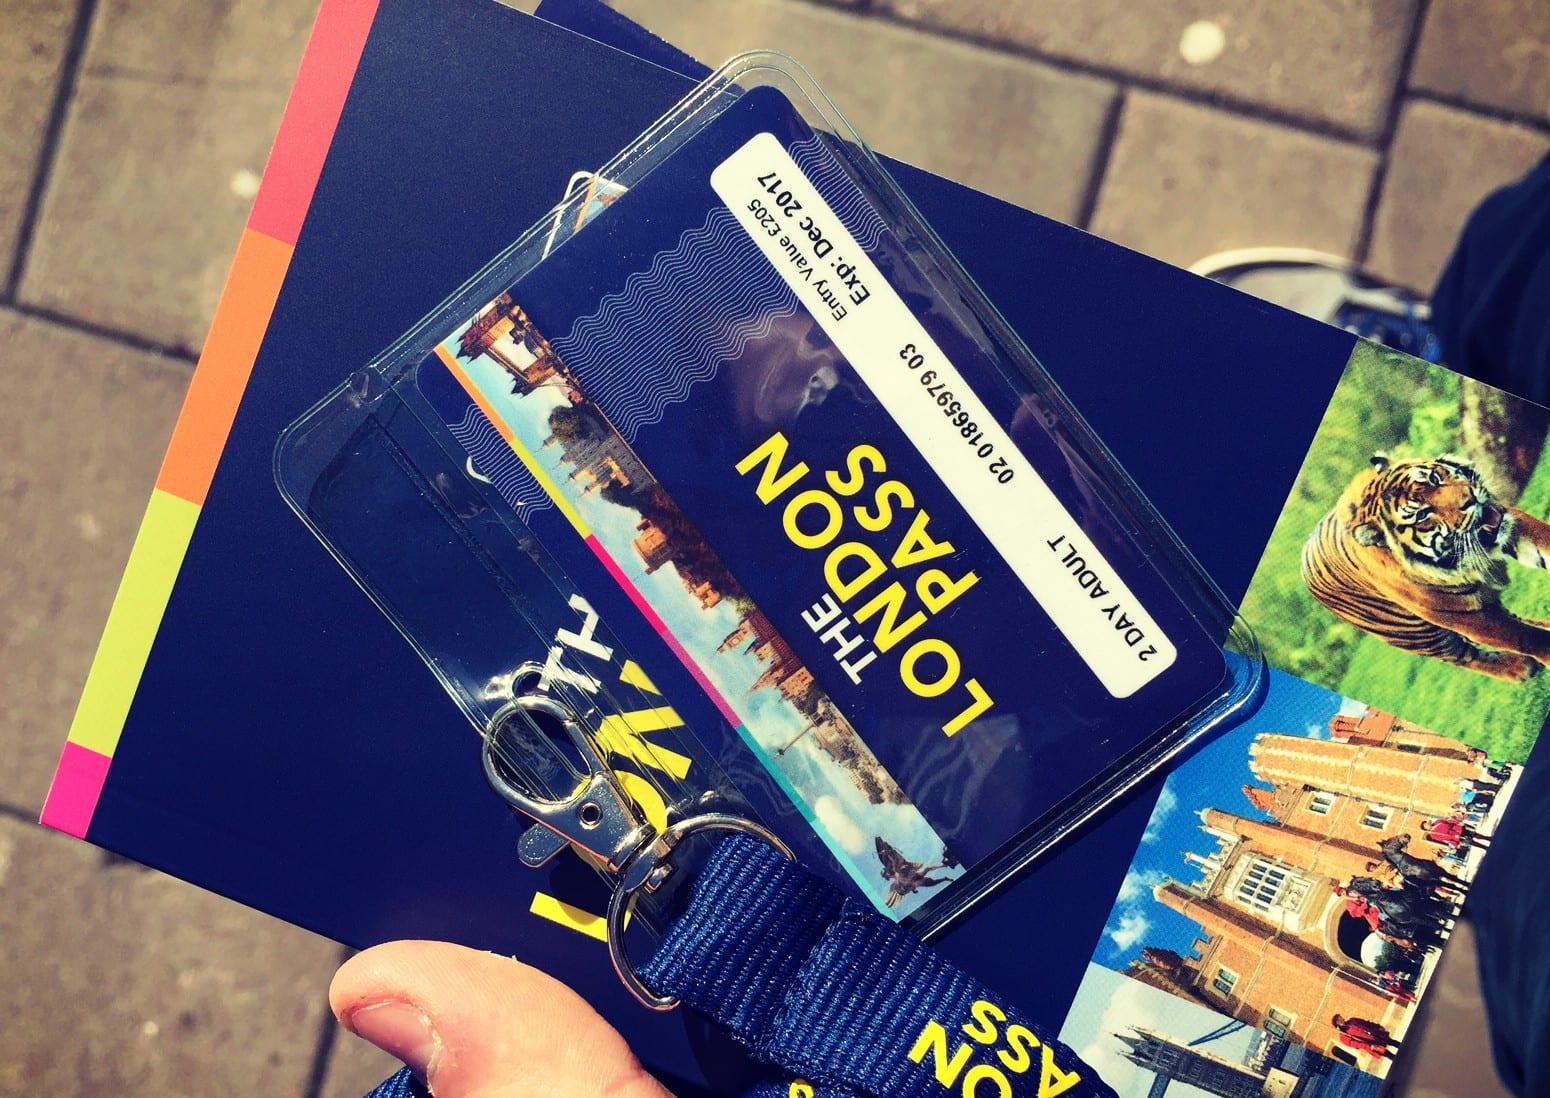 Der London Pass bietet Dir viele Preisvorteile beim Besuch zahlreicher Attraktionen.